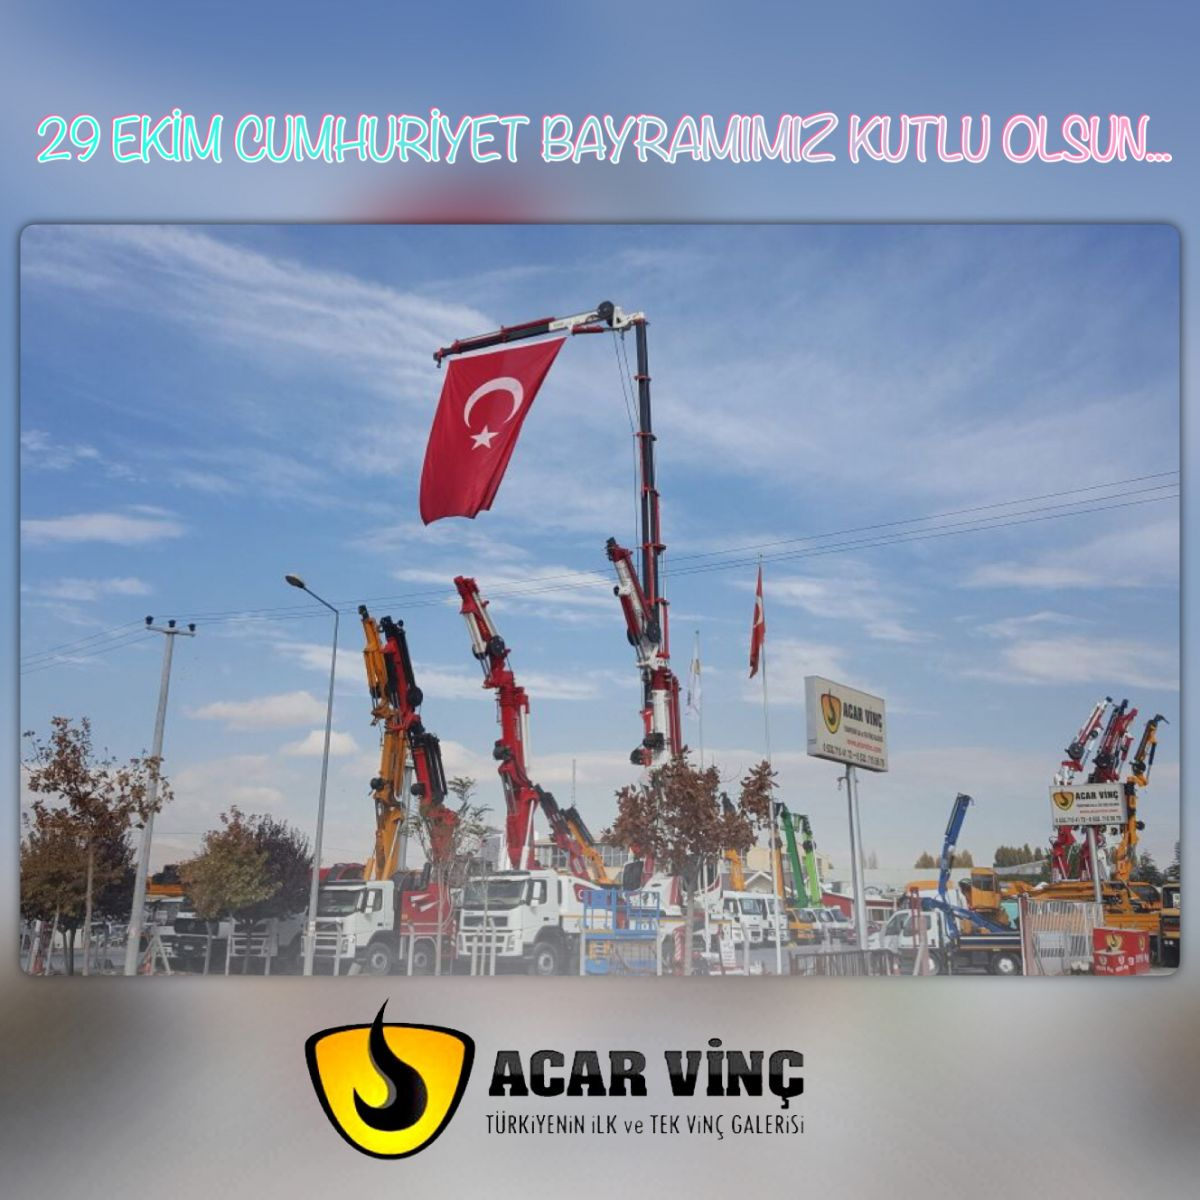 29 EKİM CUMHURİYET BAYRAMIMIZ KUTLU OLSUN..